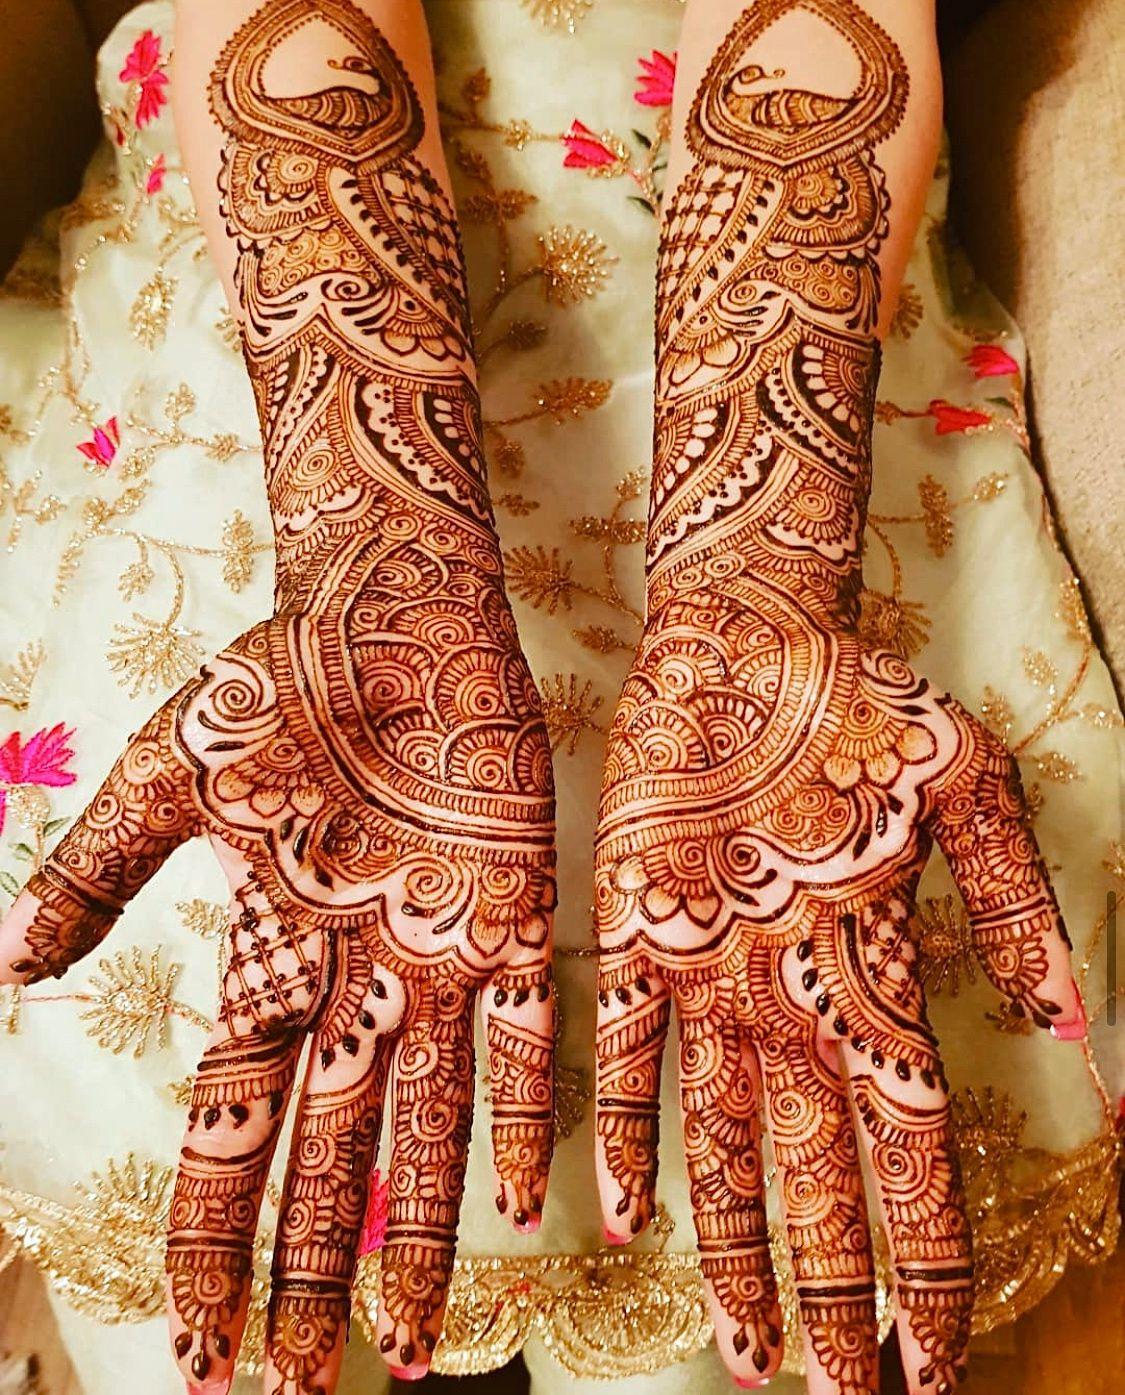 Mehndi goals! @kvmendhi nails the henna design . . #khushmag #khushwedding #khushmagazine . . Henna: @kvmendhi . #mehndidesigns #hennaart #bridalhenna #hennadesign #weddingmehndi #wedding #bridetobe #mehndilove #mehndi #bridal #mehndibride #bridalmehndi #hennaartist #mehndiartist #indianwedding #hennalove #hennainspire #mehendi #henna #indianmehndi #mehndidesign #weddinginspiration #simplemehndi #hennadesigns #indianbride #kvmendhi